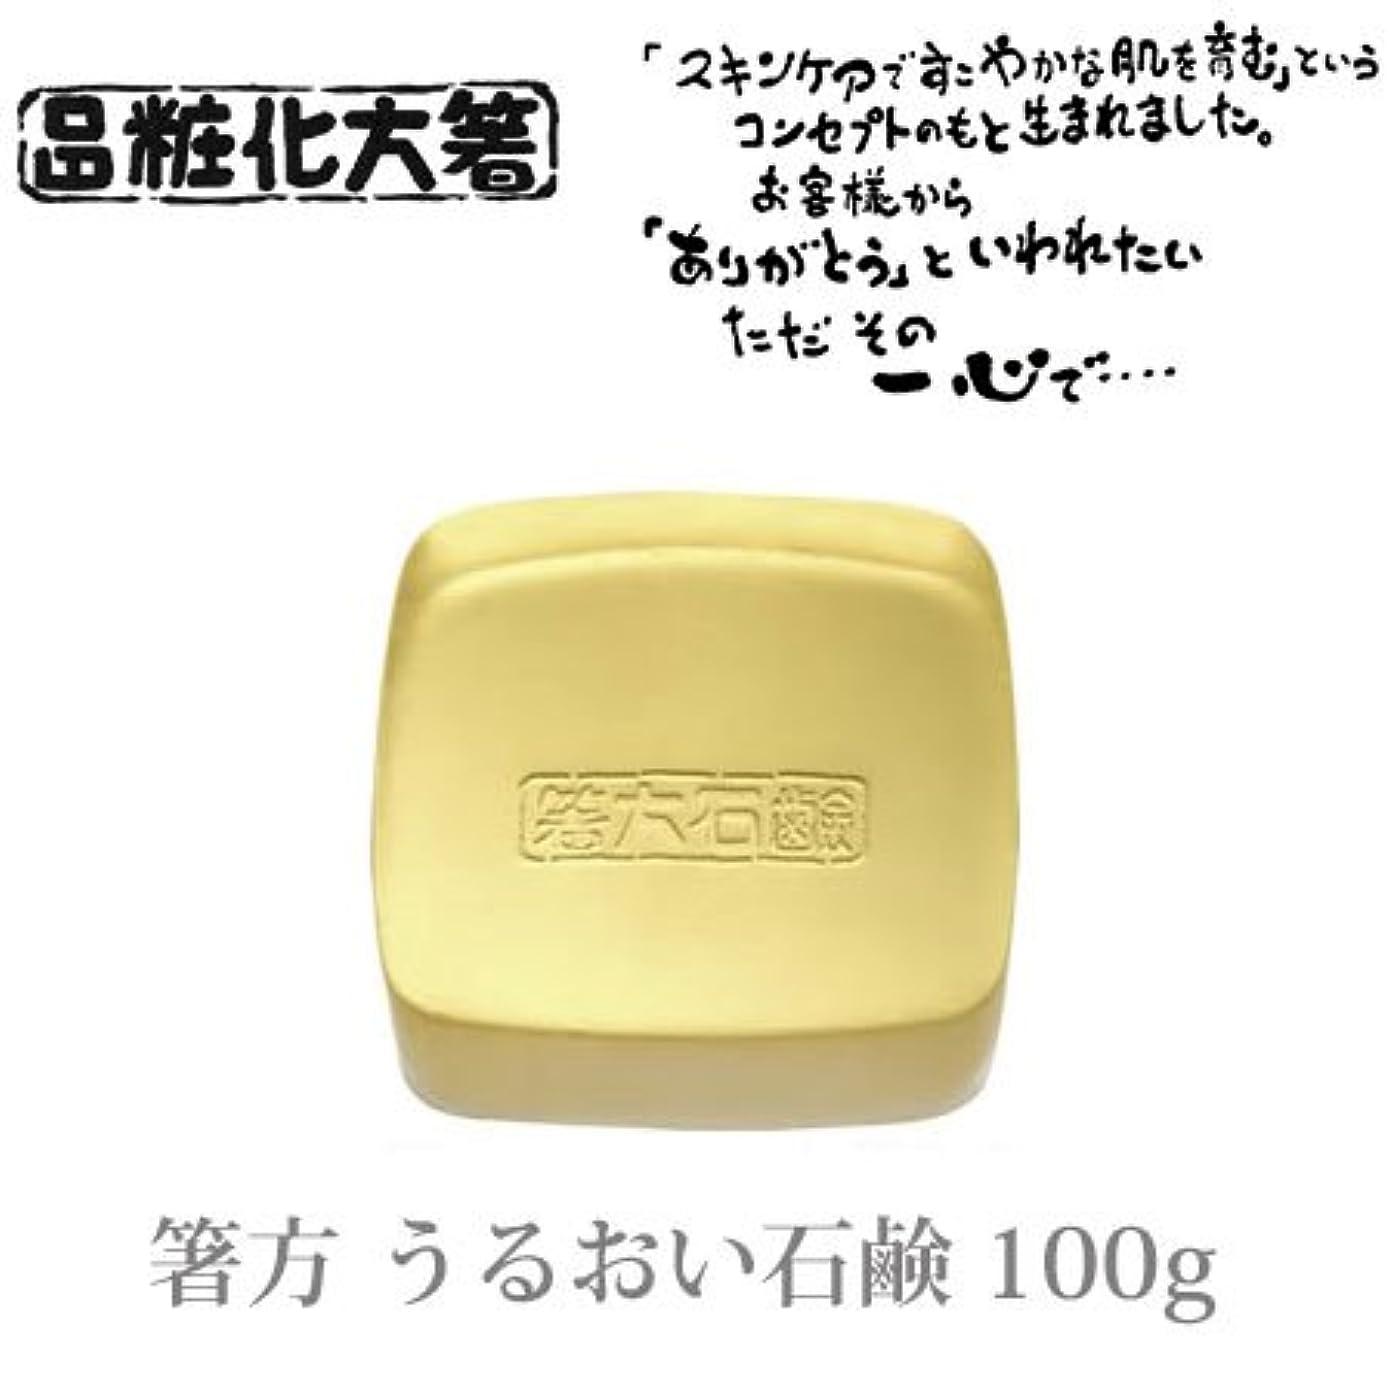 白菜分岐する栄光の箸方化粧品 うるおい石鹸 100g はしかた化粧品